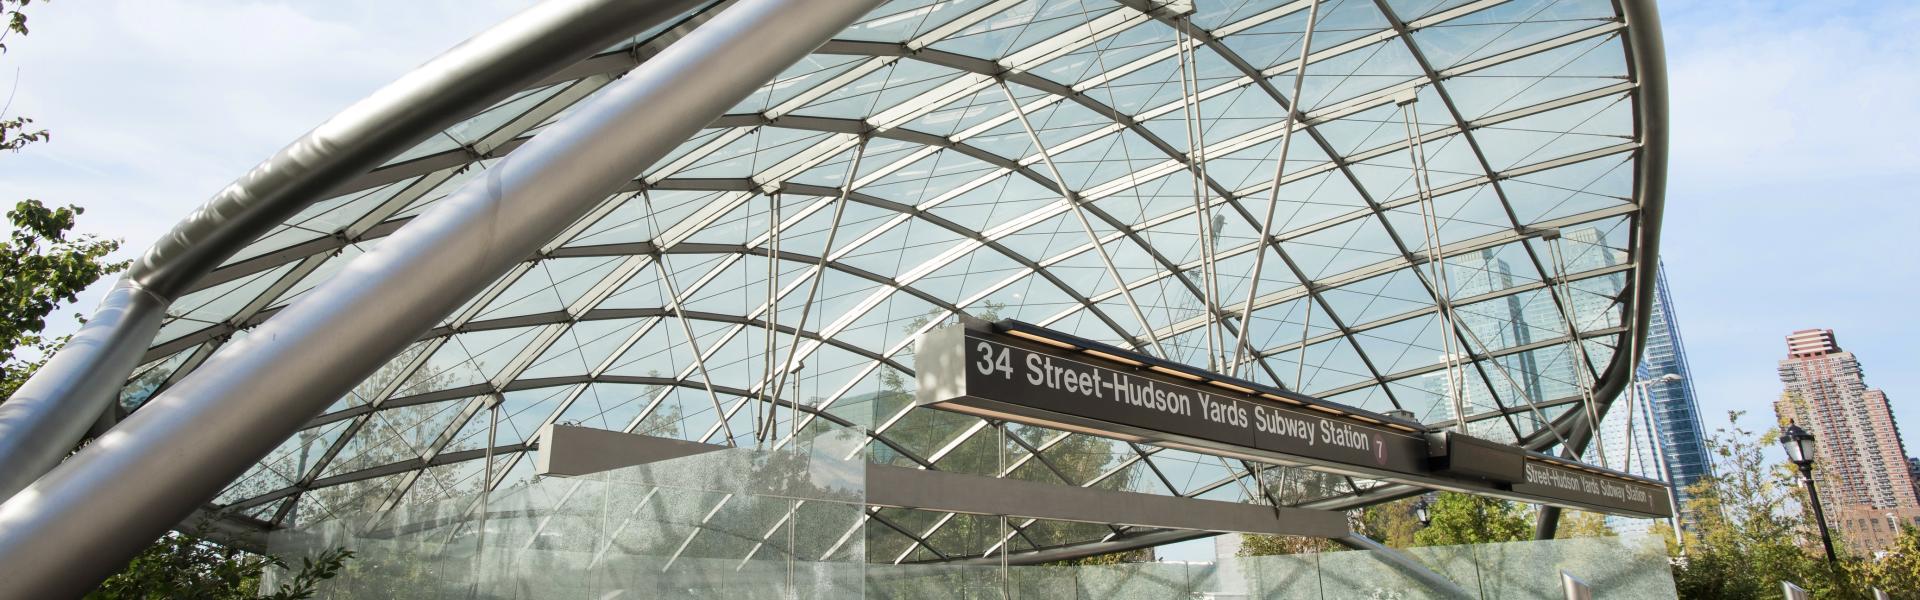 Hudson Yards, Subway, 7 Train